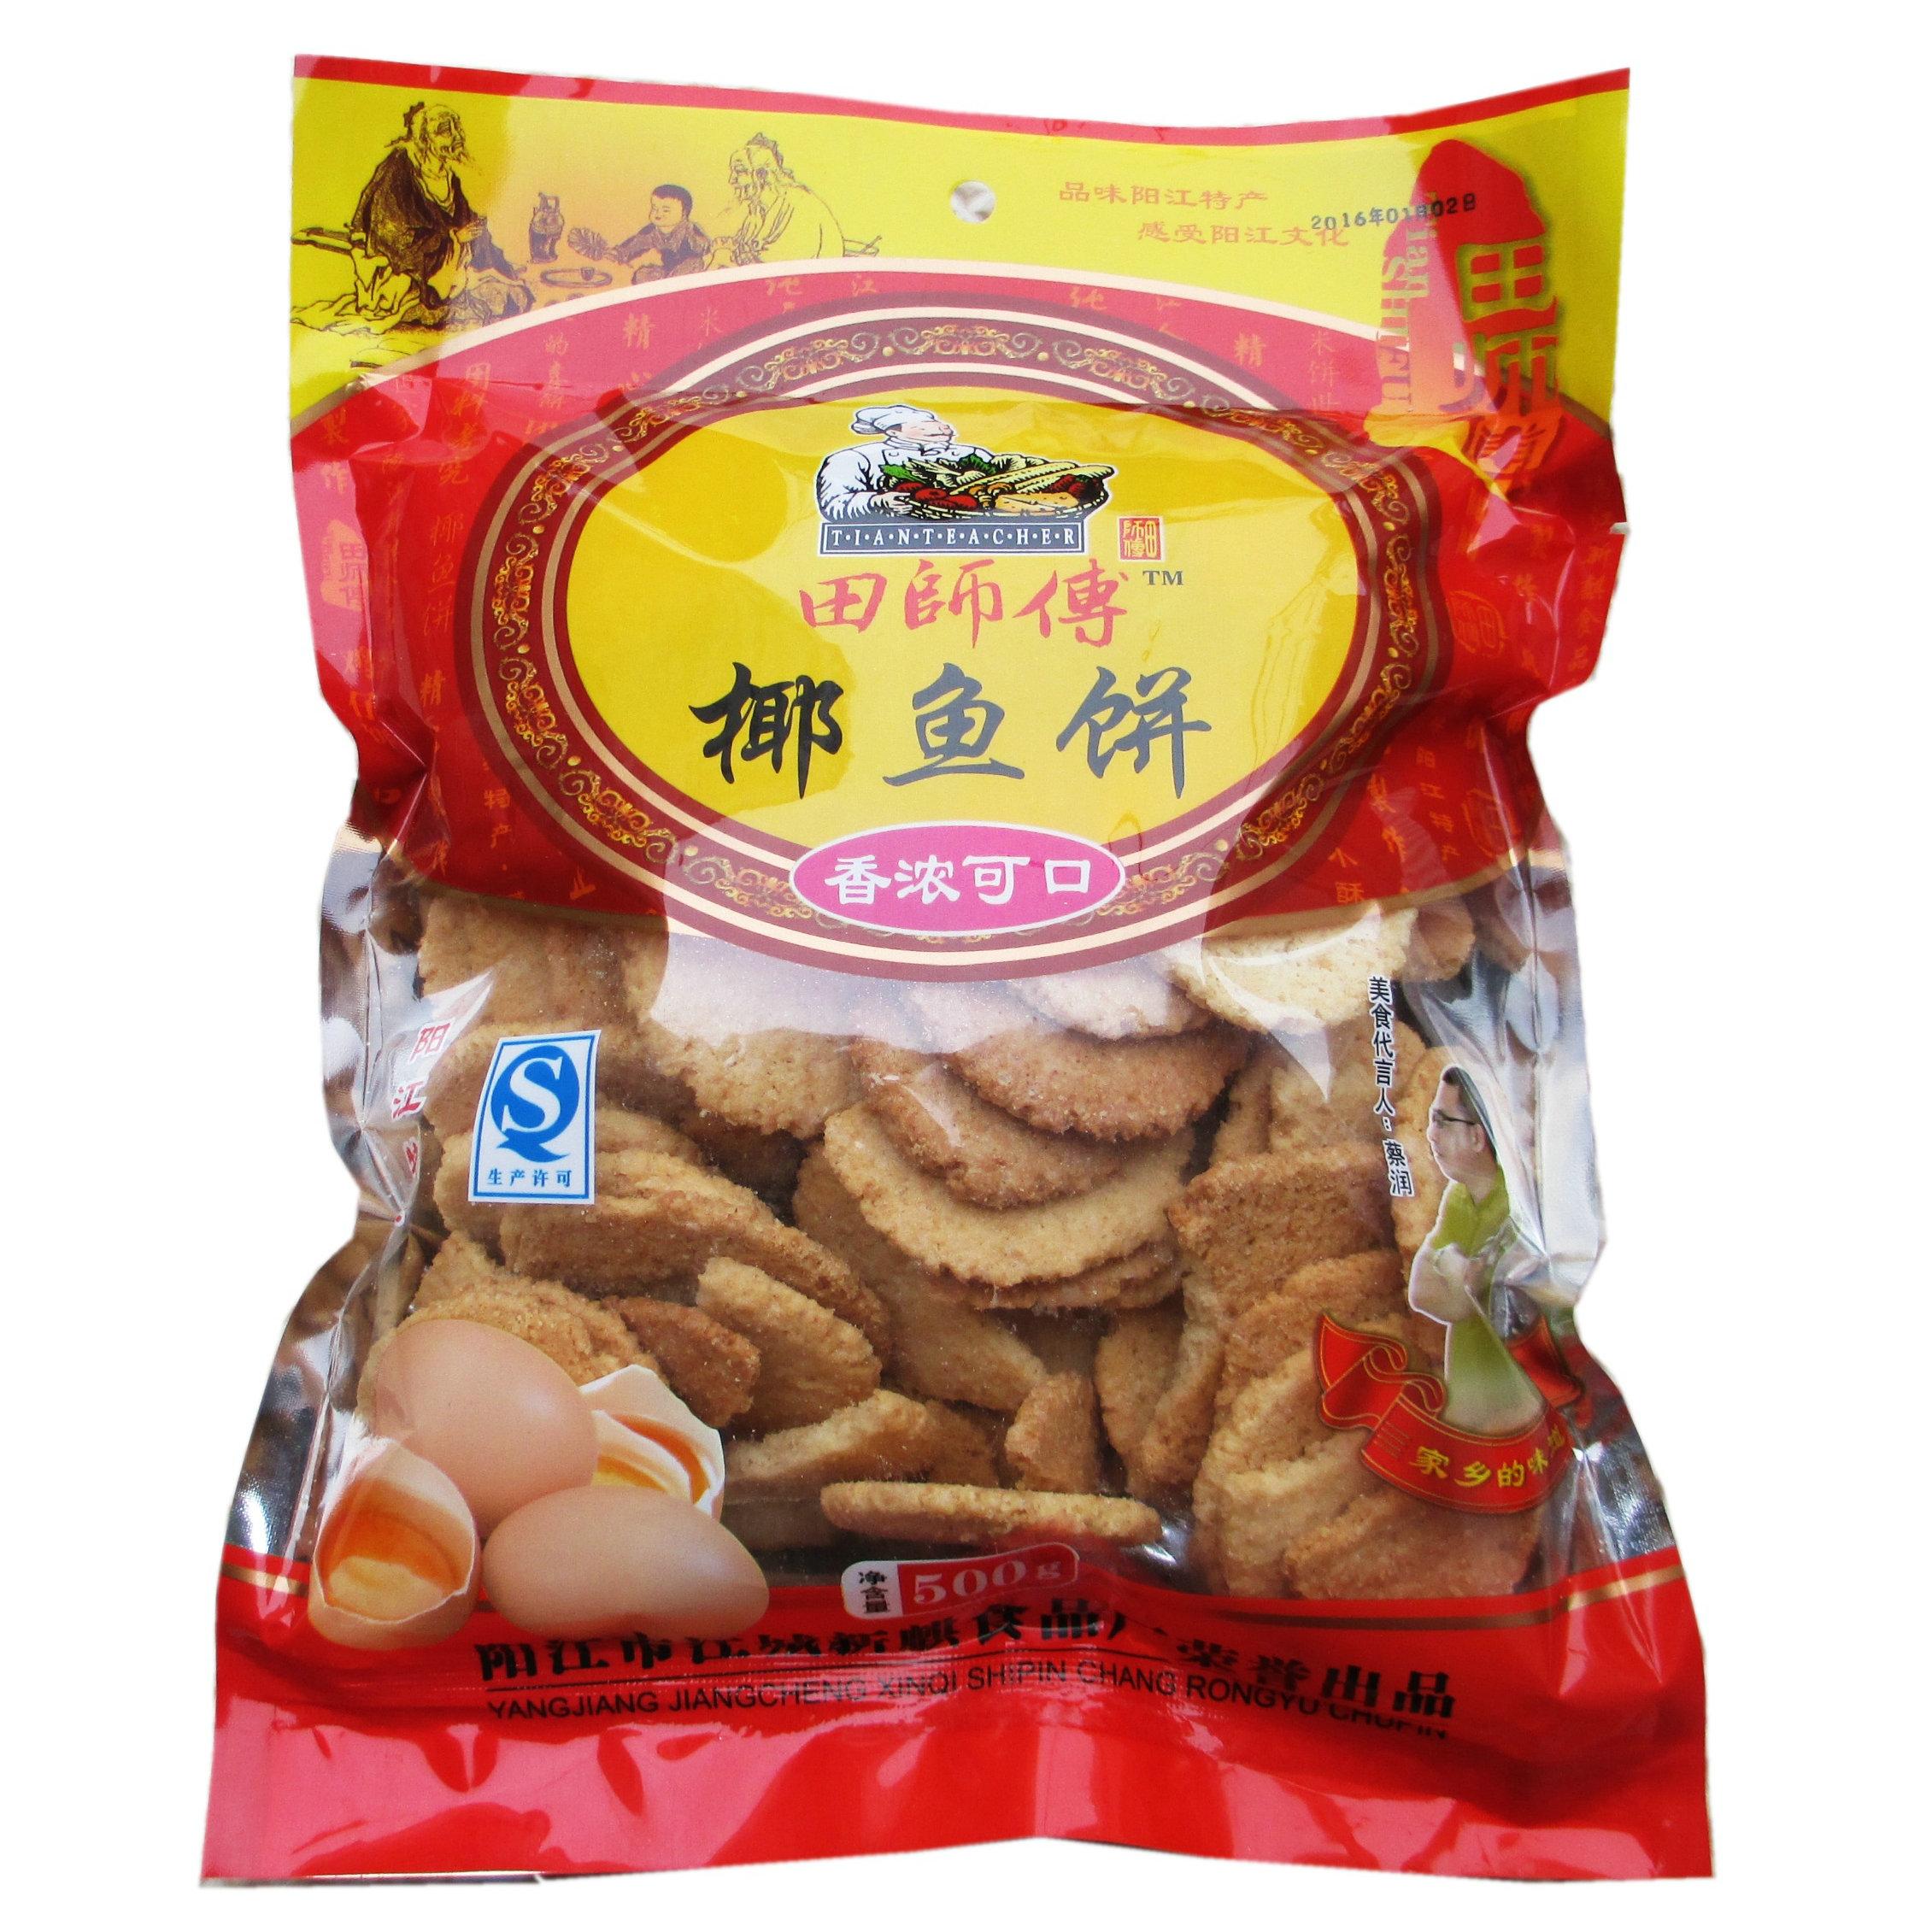 阳江特产 田师傅 椰鱼饼 袋装500克